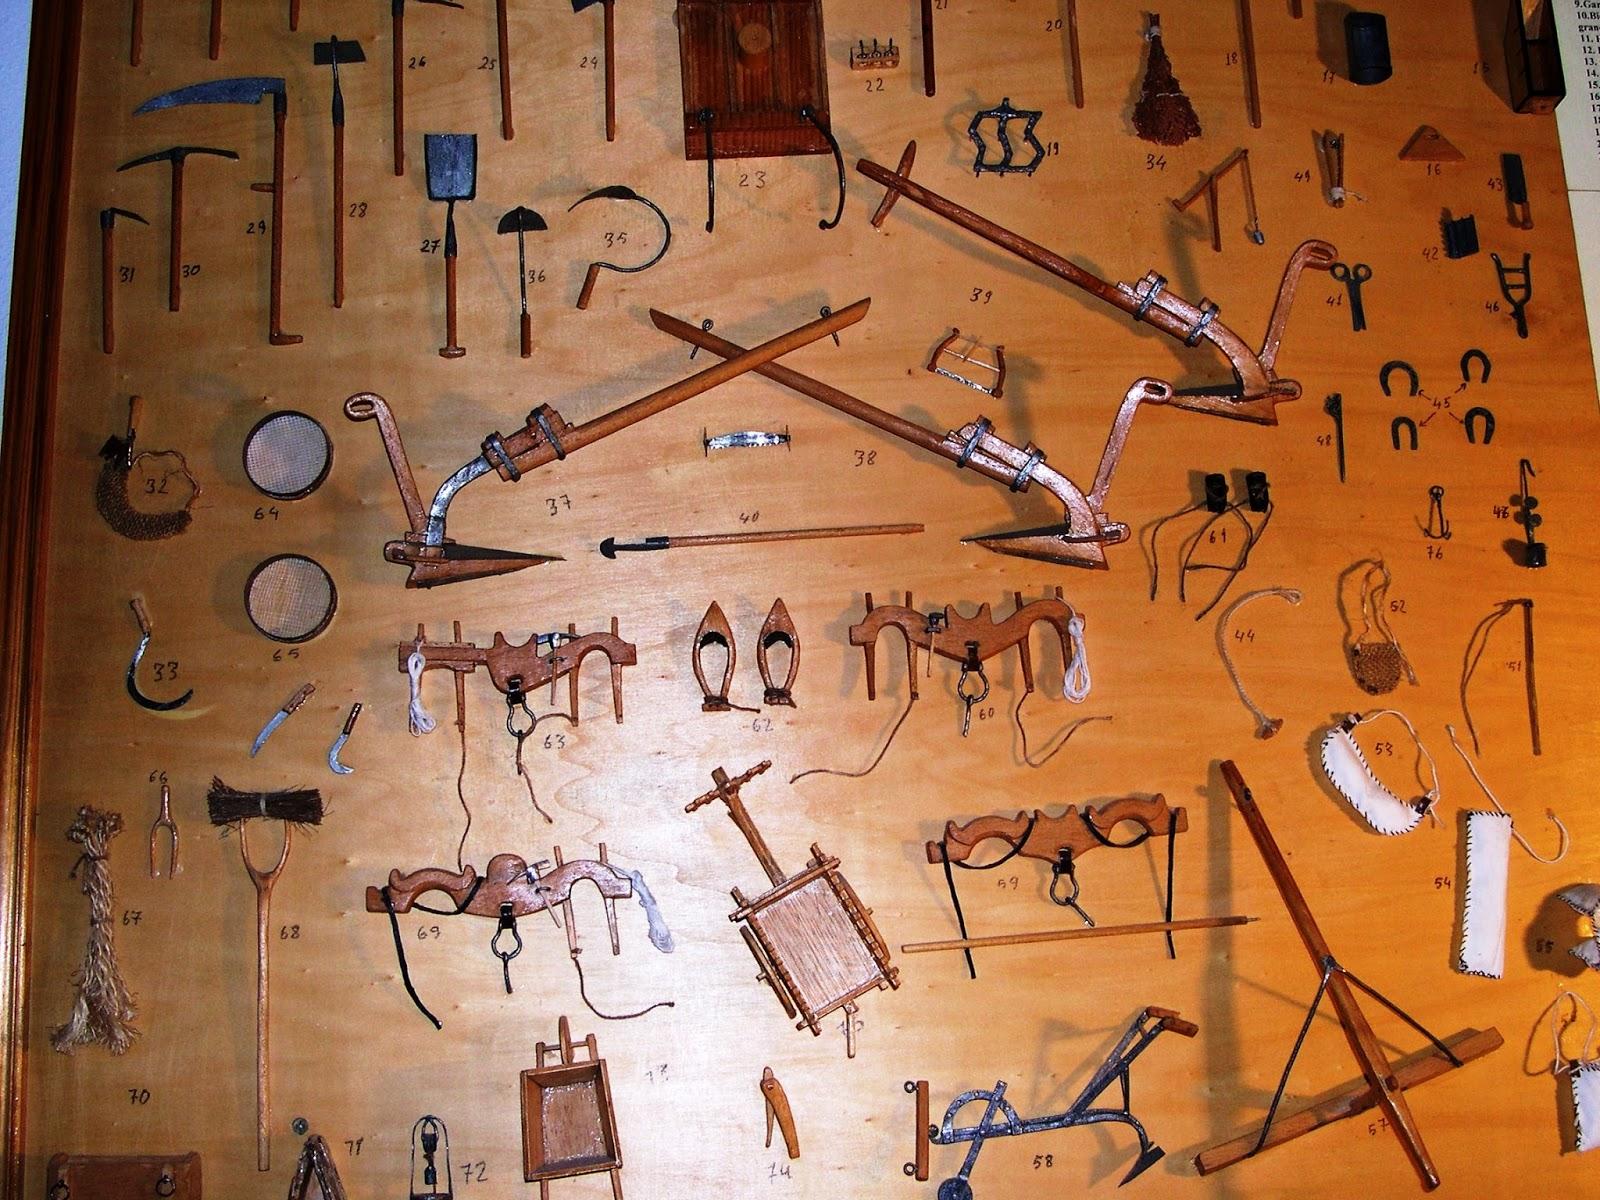 Un tema mil preguntas herramientas y aperos de labranza - Aperos agricolas antiguos ...